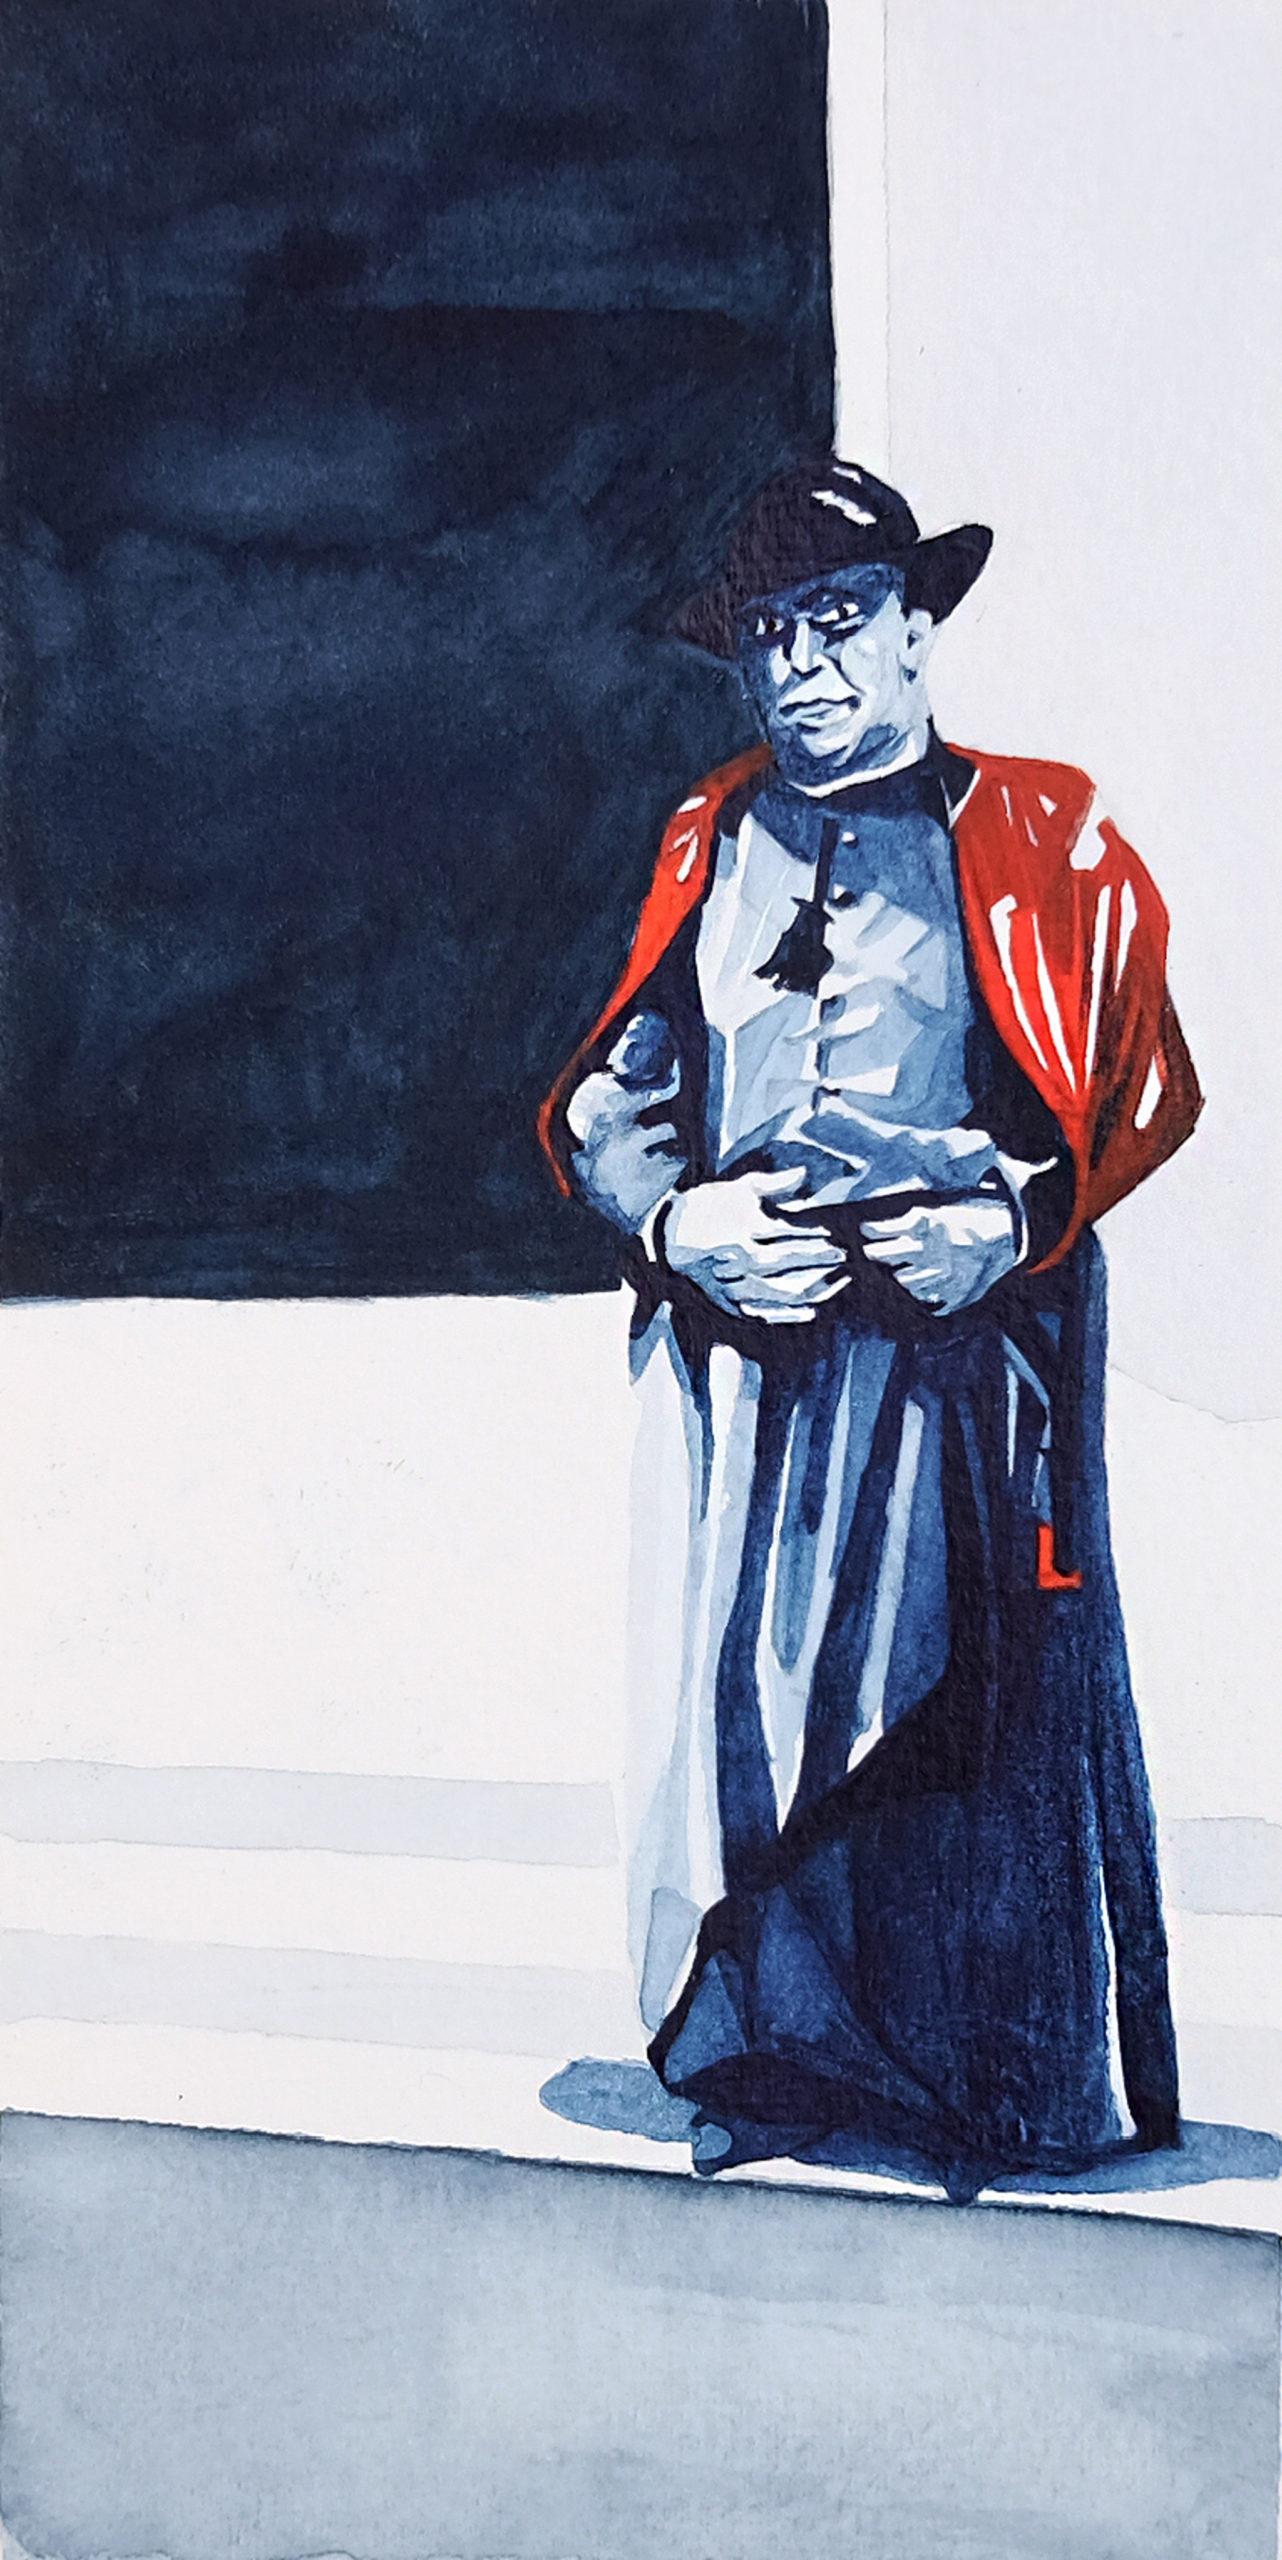 Cardenal (2019) - David Carnicer Piña